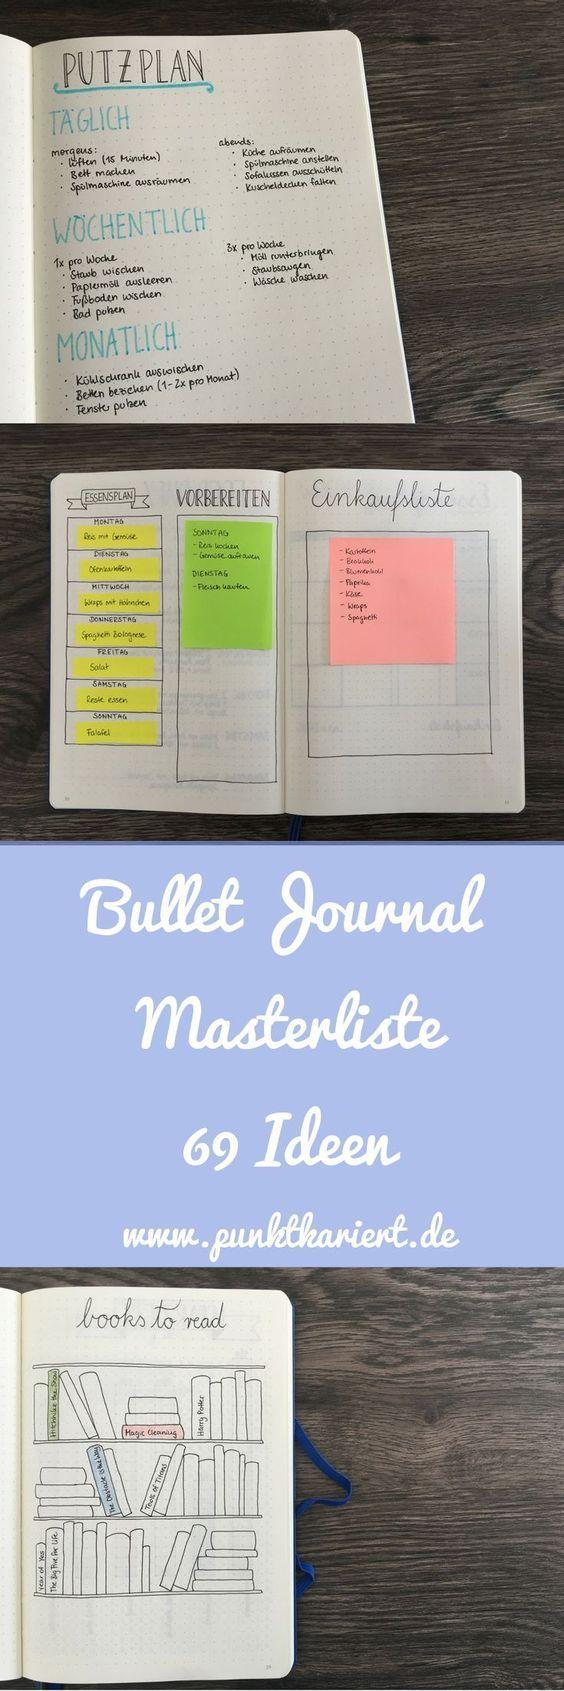 Die Masterliste: 69 Ideen für dein Bullet Journal #bulletjournaling